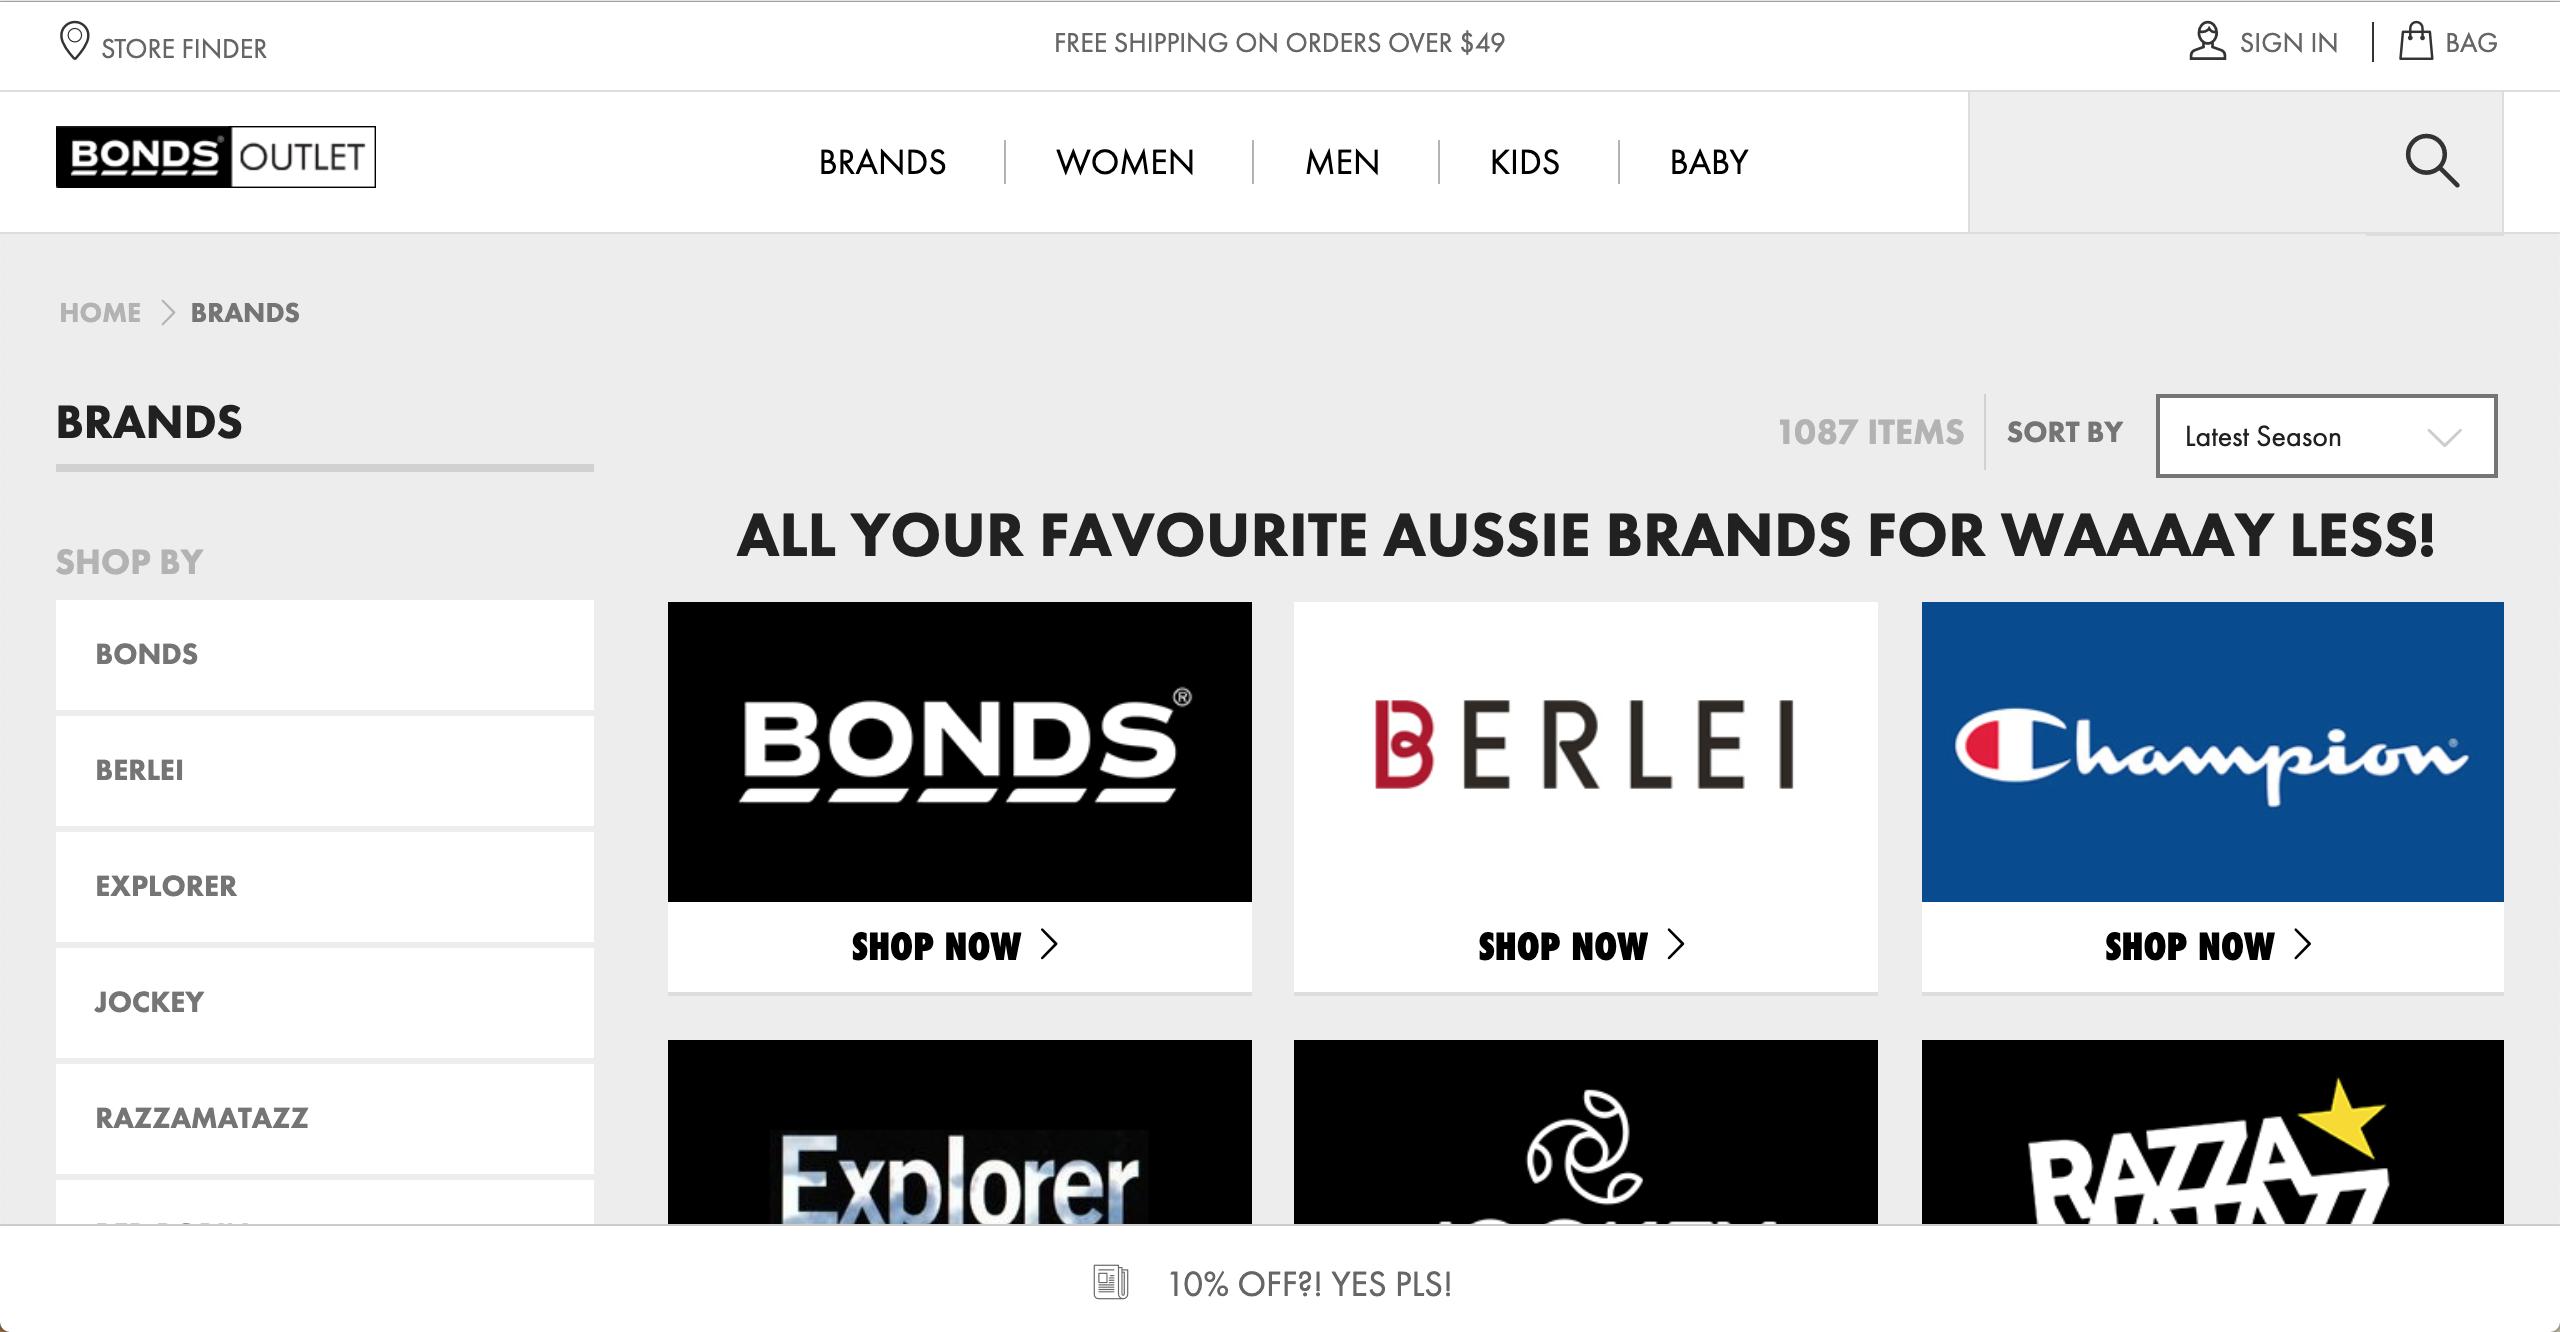 Bonds Outlet Brands